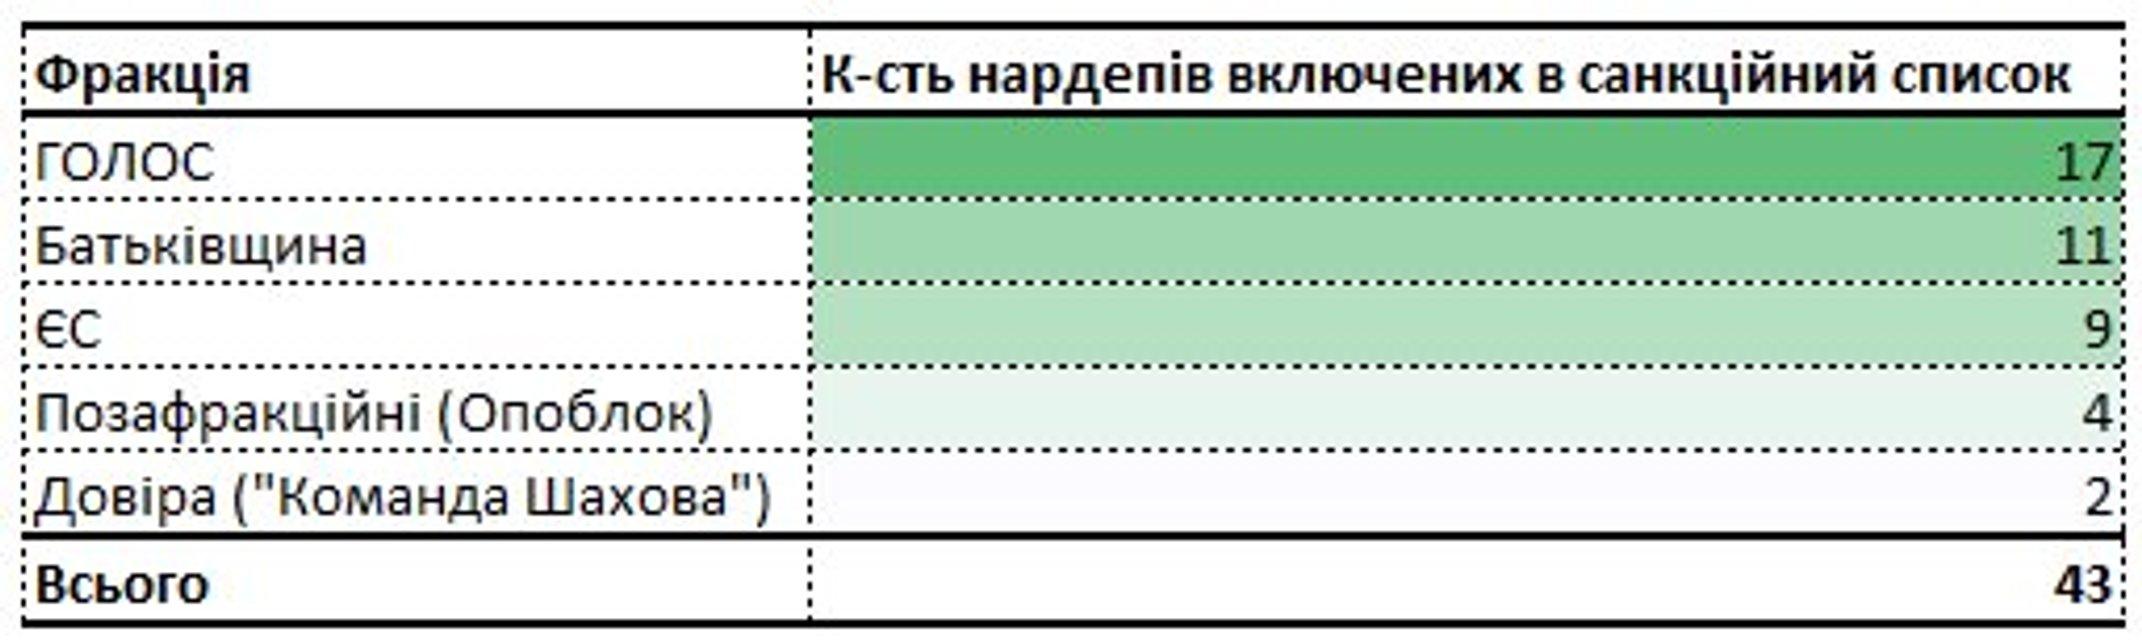 Россия ввела санкции против Порошенко и Вакарчука - фото 204990